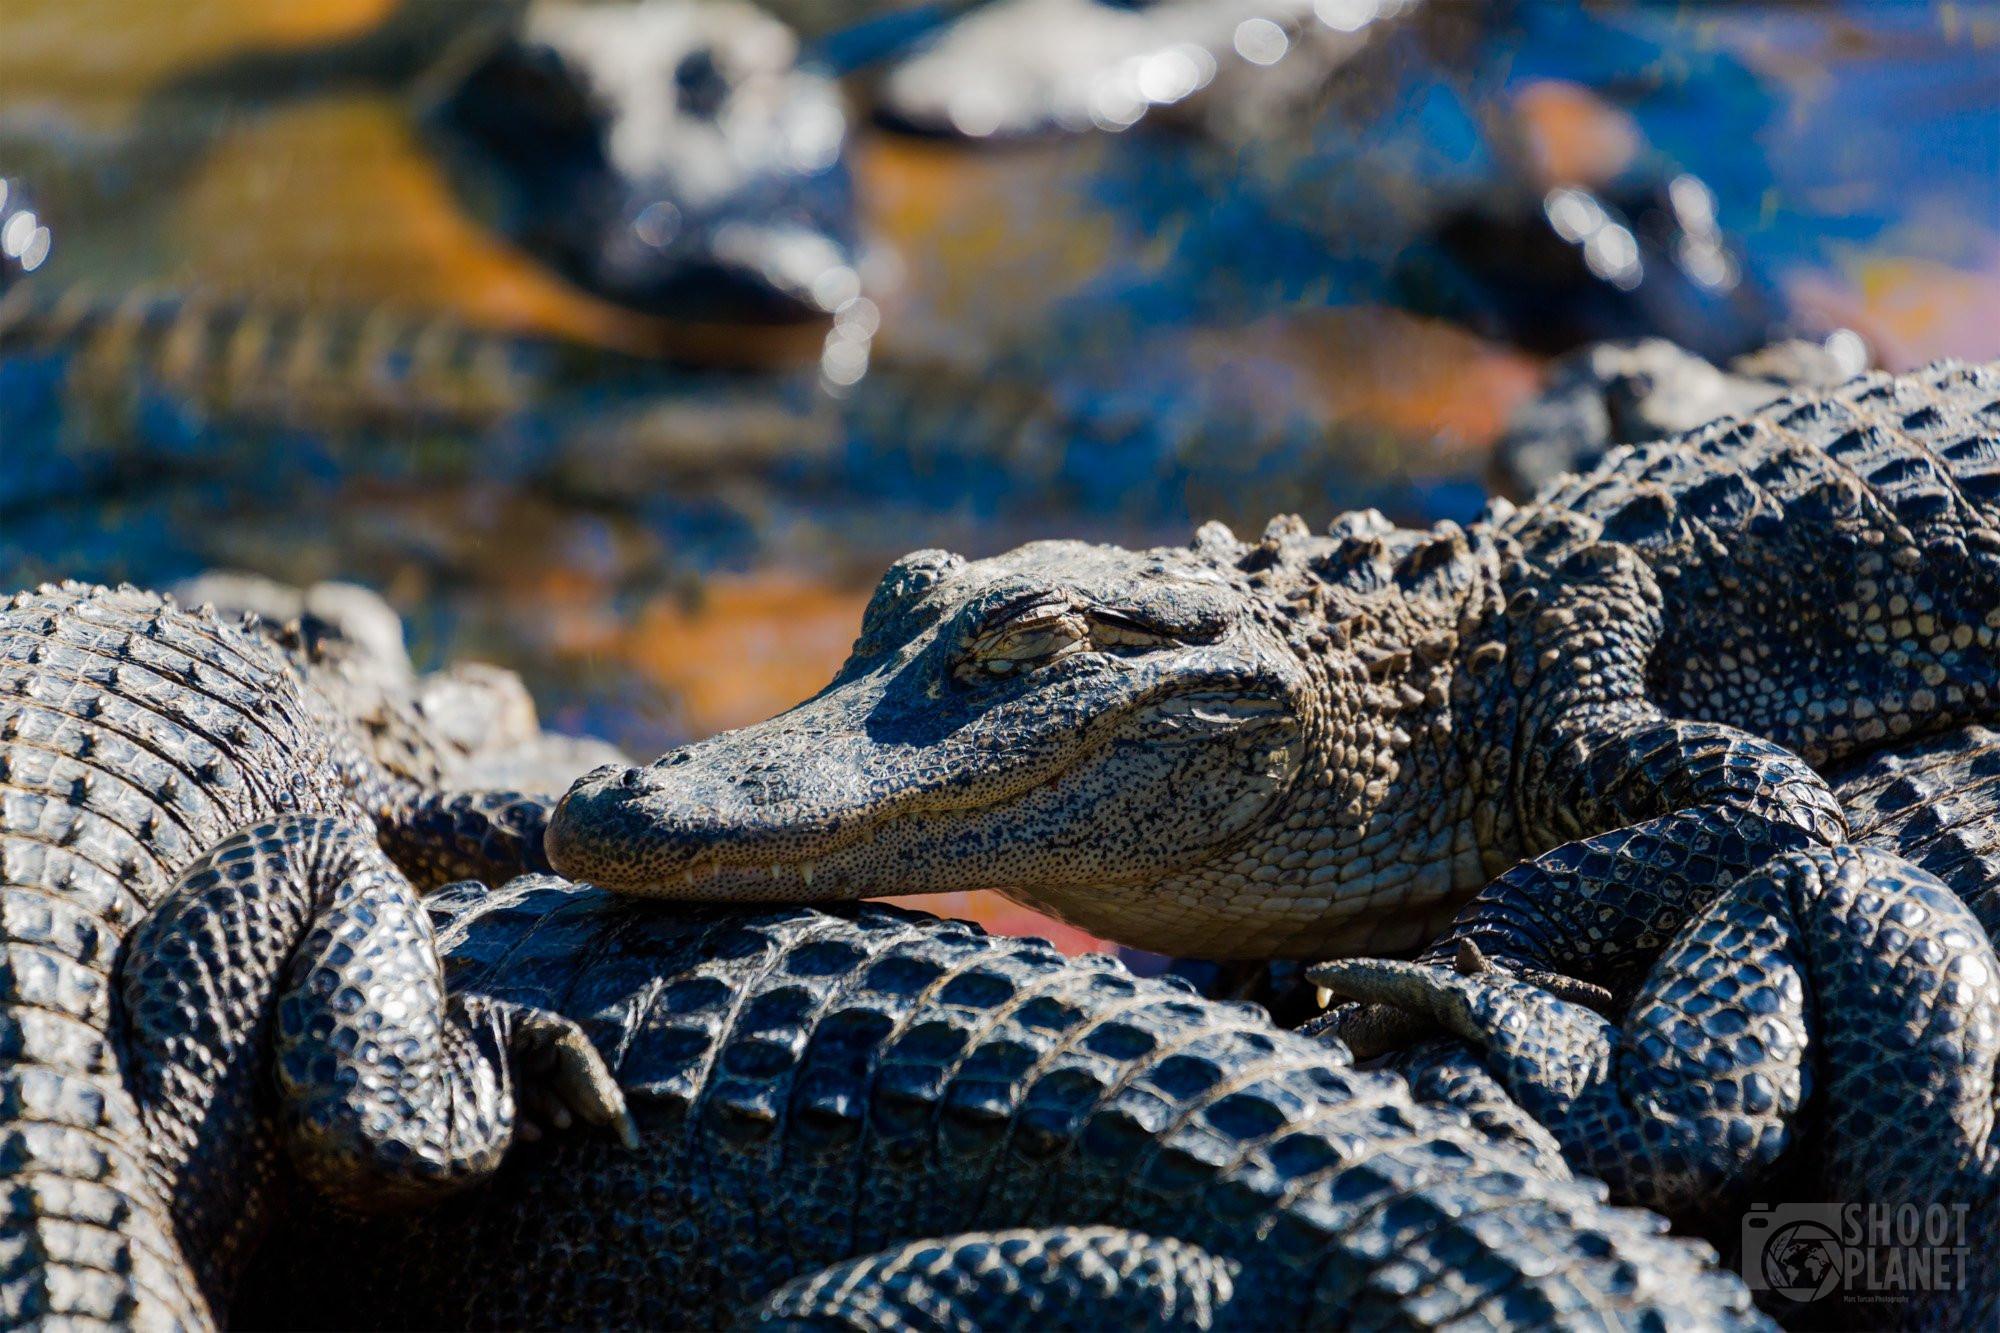 Herd of alligators in the Everglades, Florida